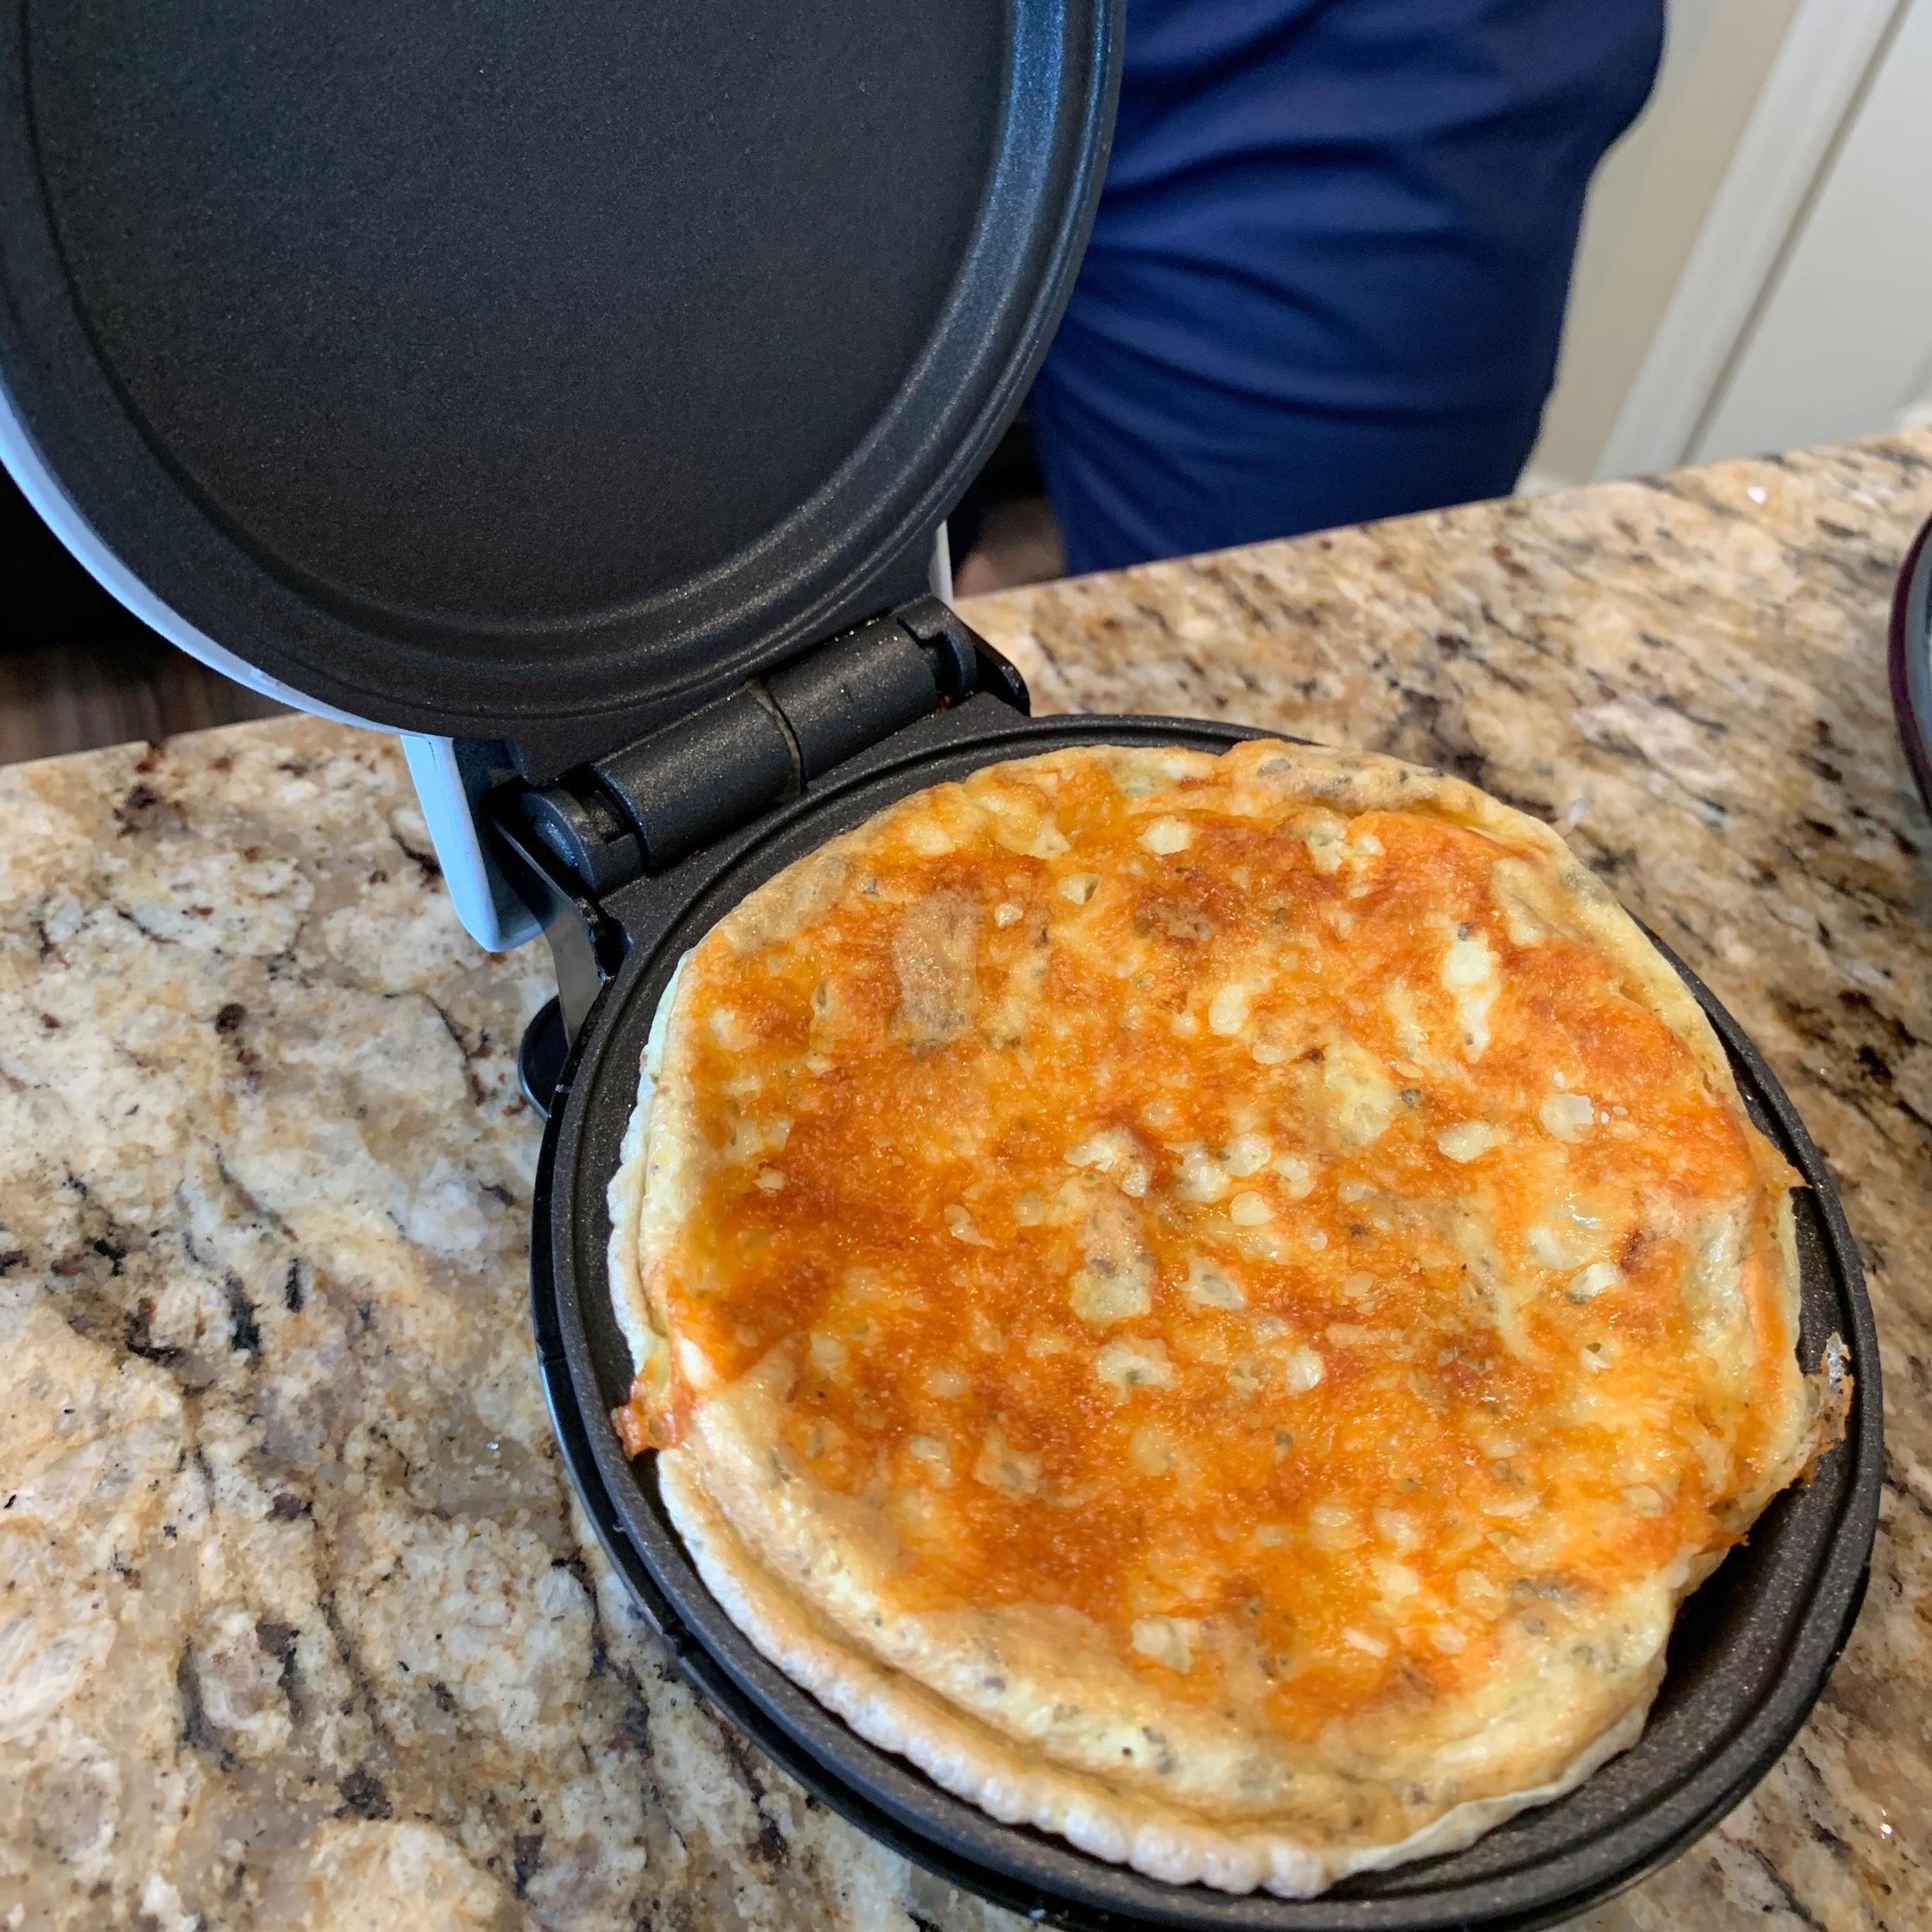 Keto+pizza+chaffle+recipe